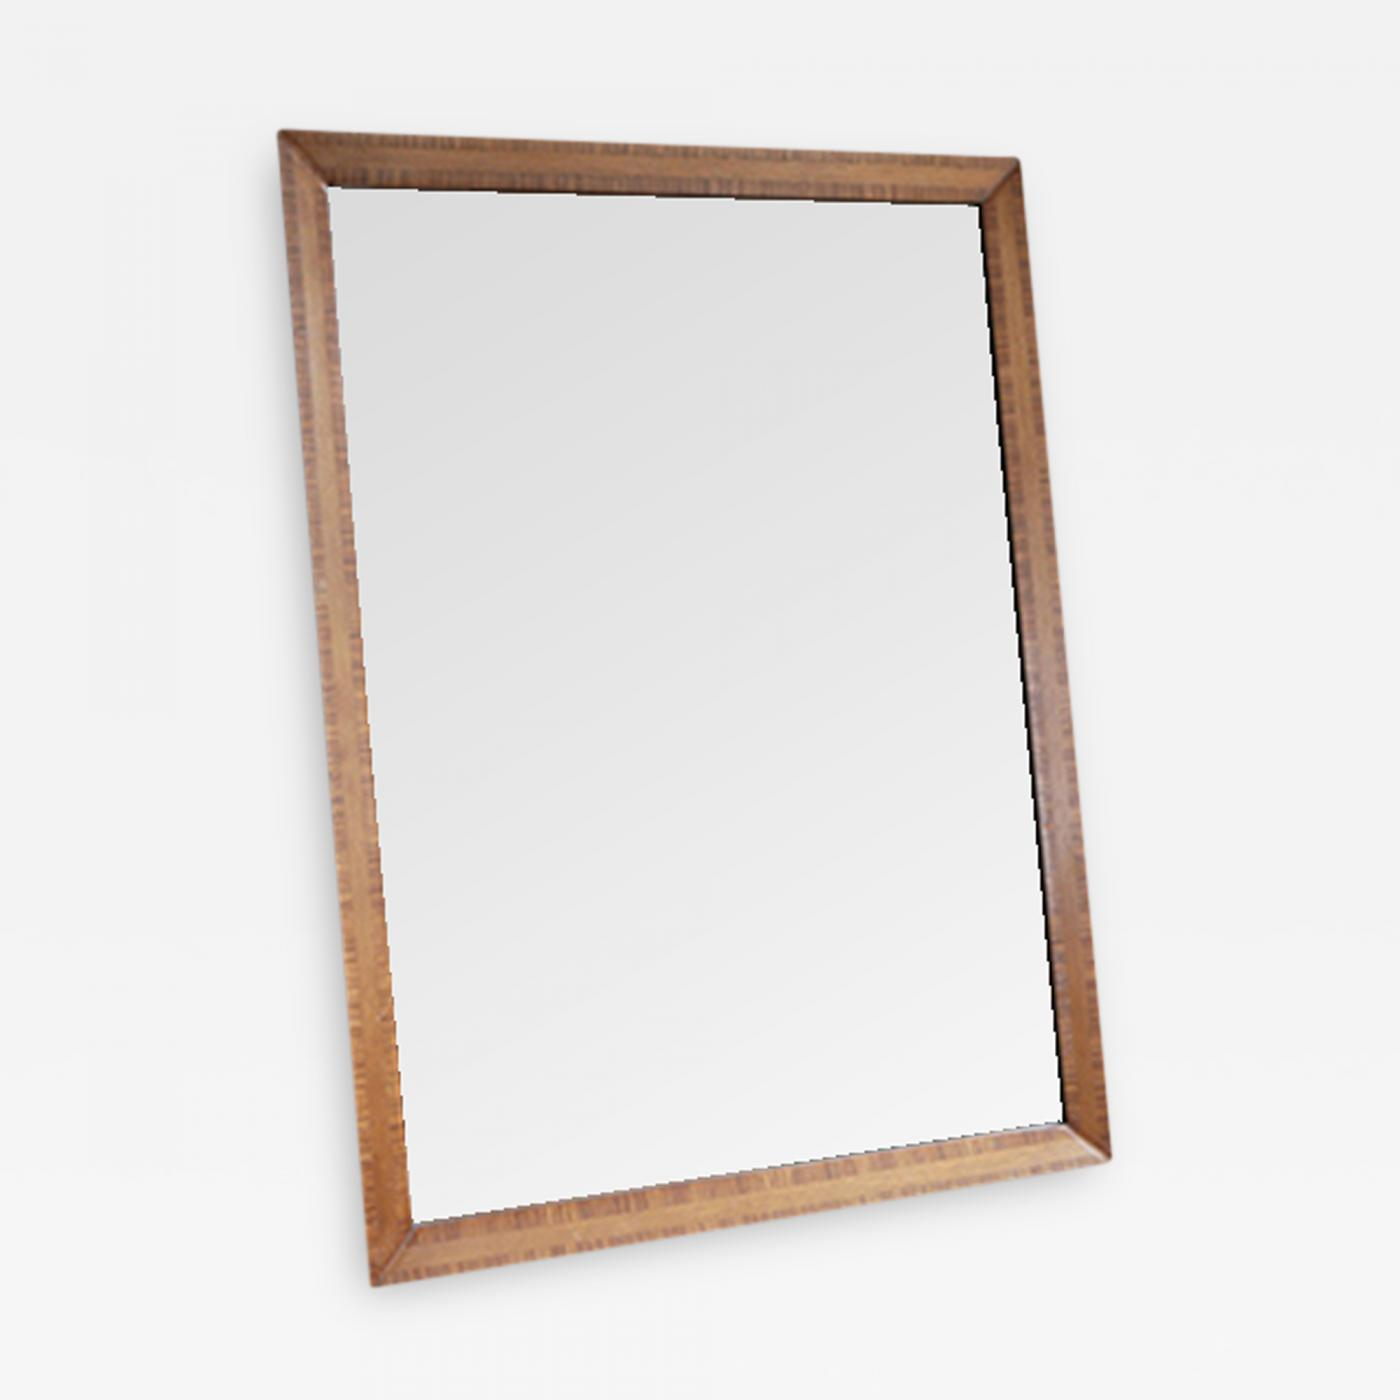 Zebra Wood Mahogany Wall Mirror